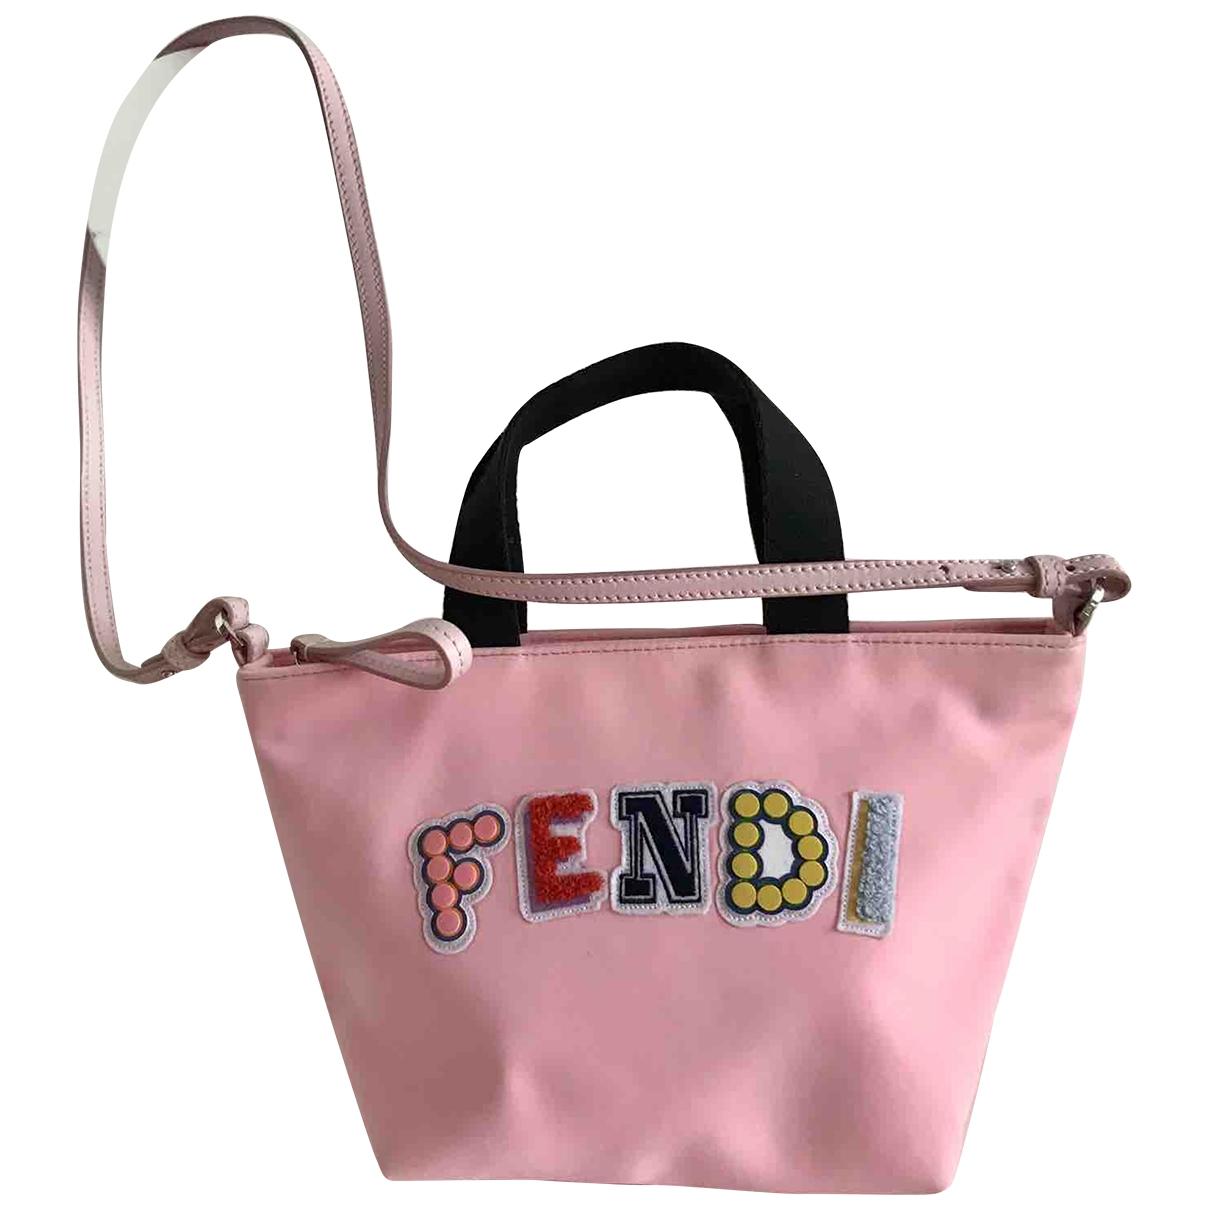 Fendi - Sac a main   pour femme en toile - rose